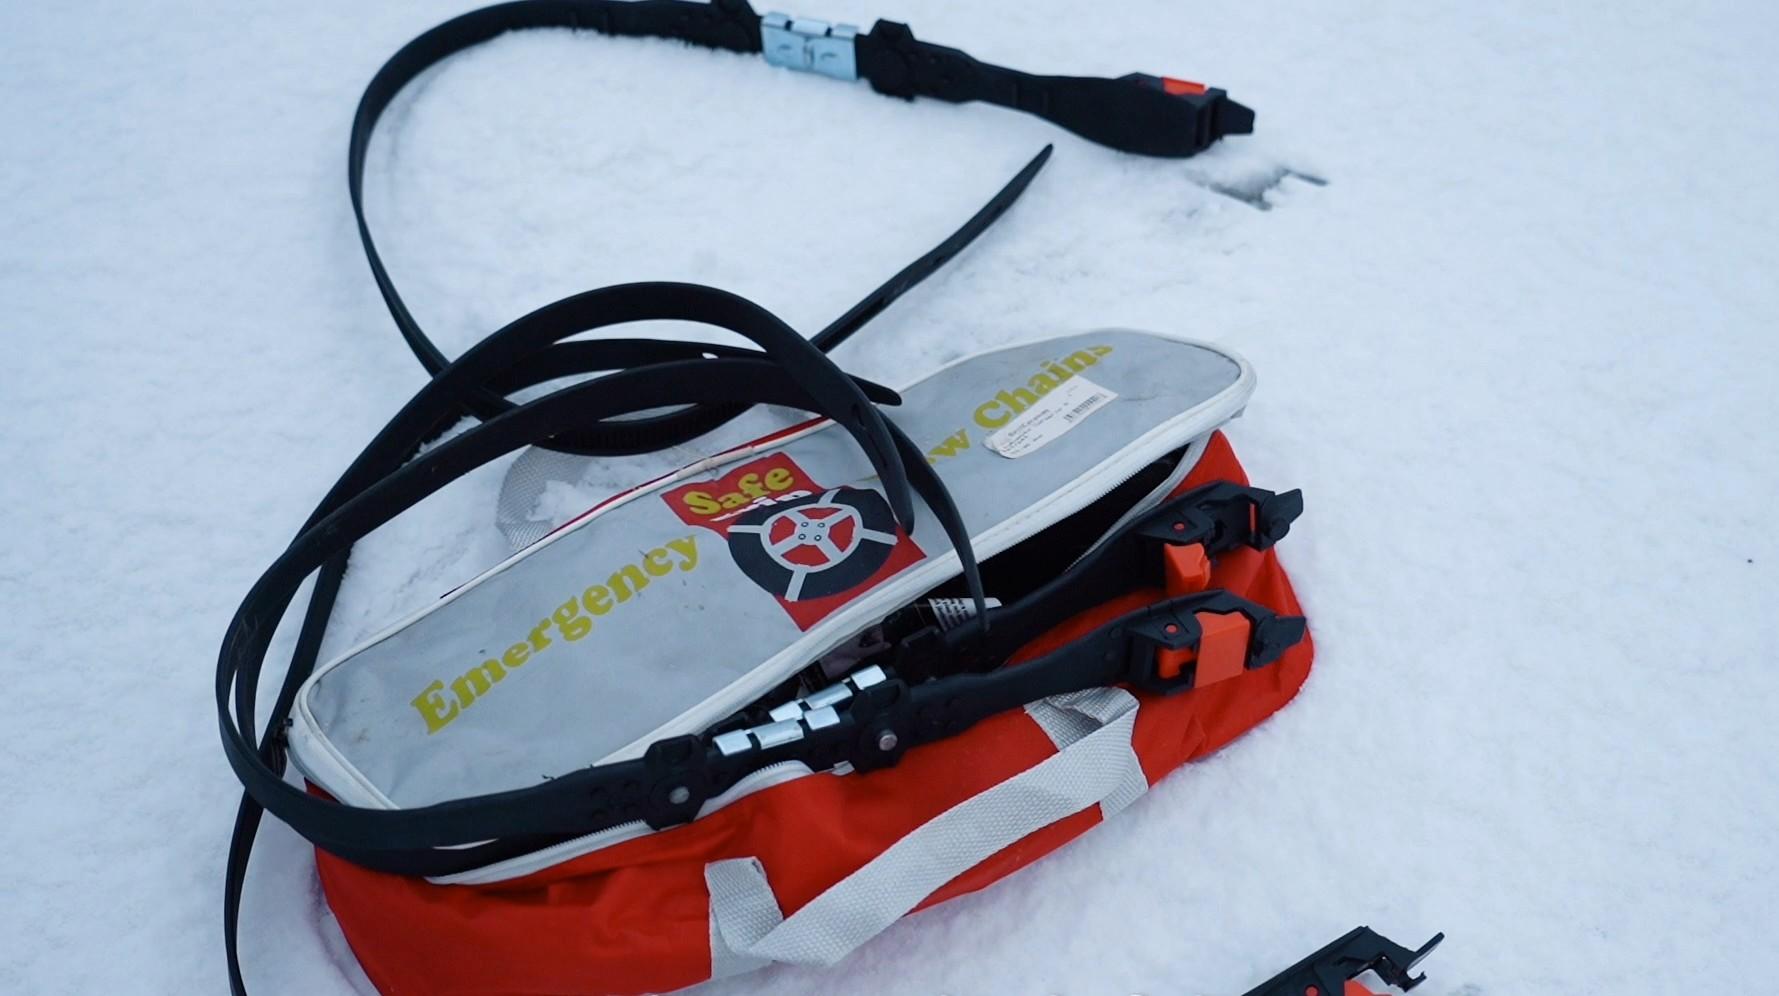 Lumiketjut tai liukuesteet ovat tärkeä varuste talvimatkailijalle.